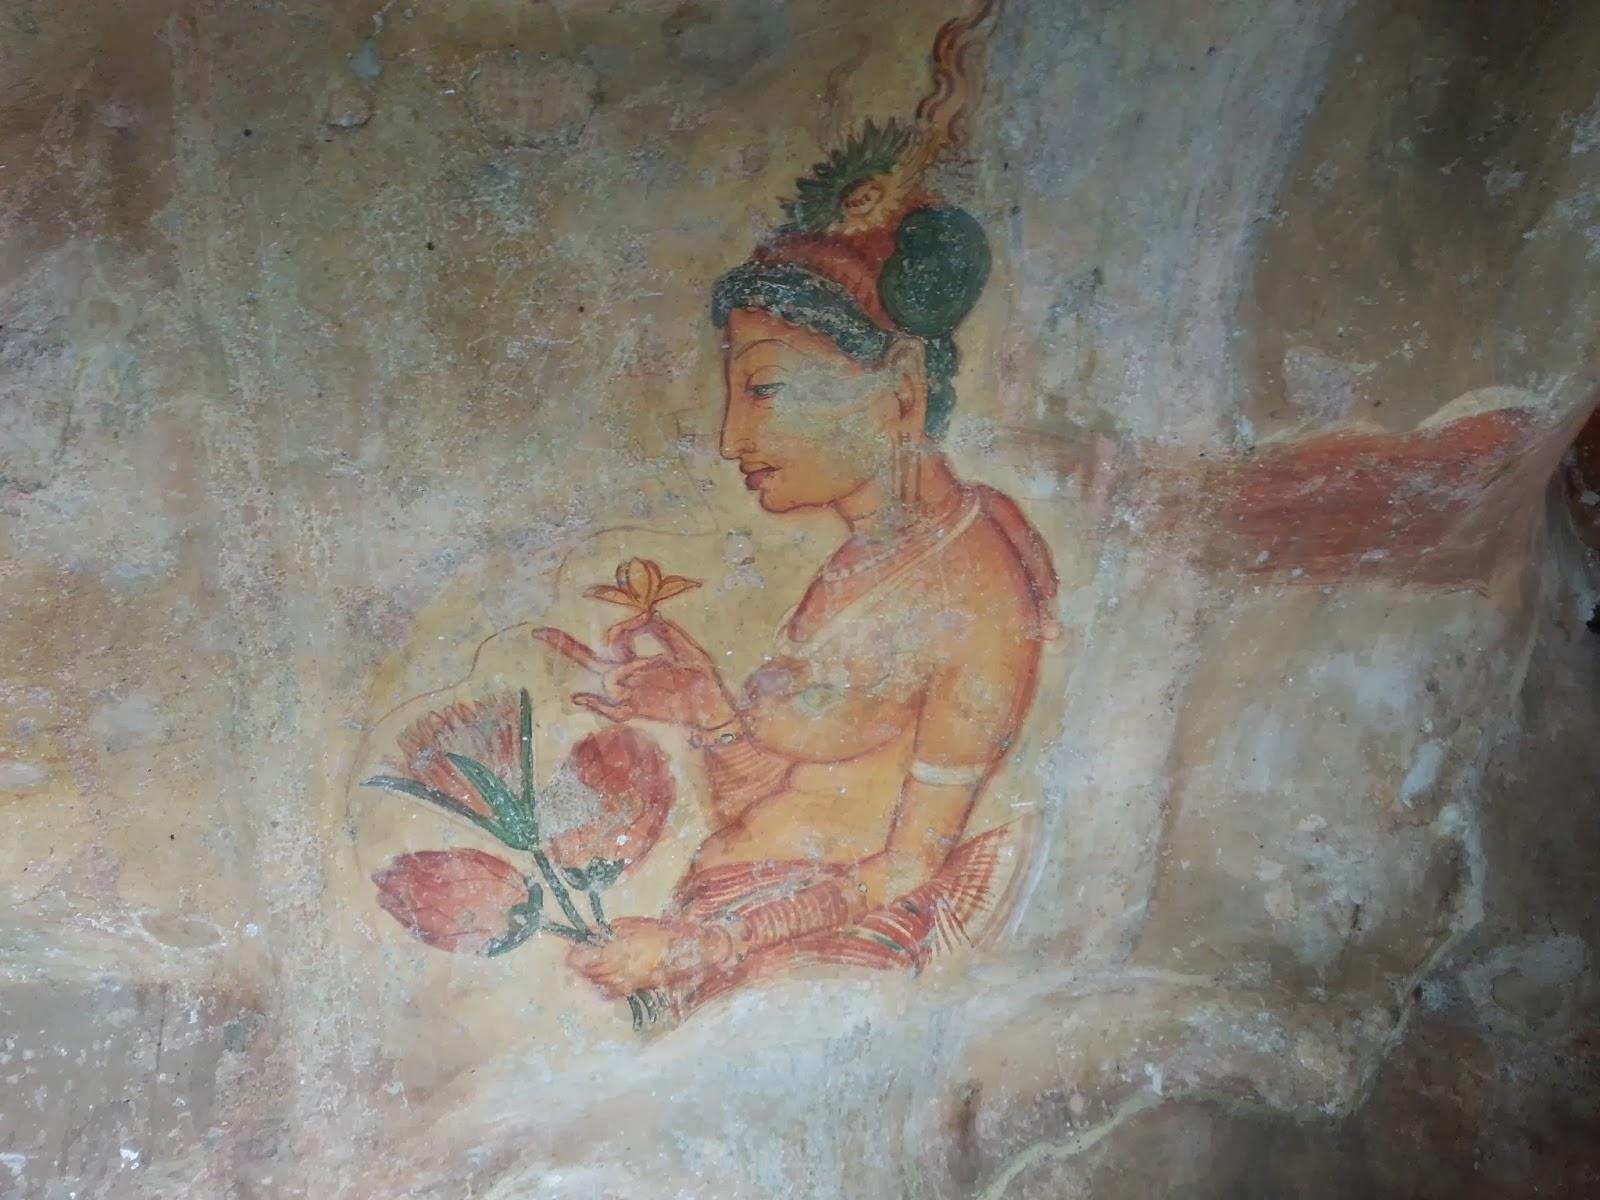 Принцесса древней Ланки держит цветы, обнаженная грудь, фреска, граффити, Сигирия, юная красавица